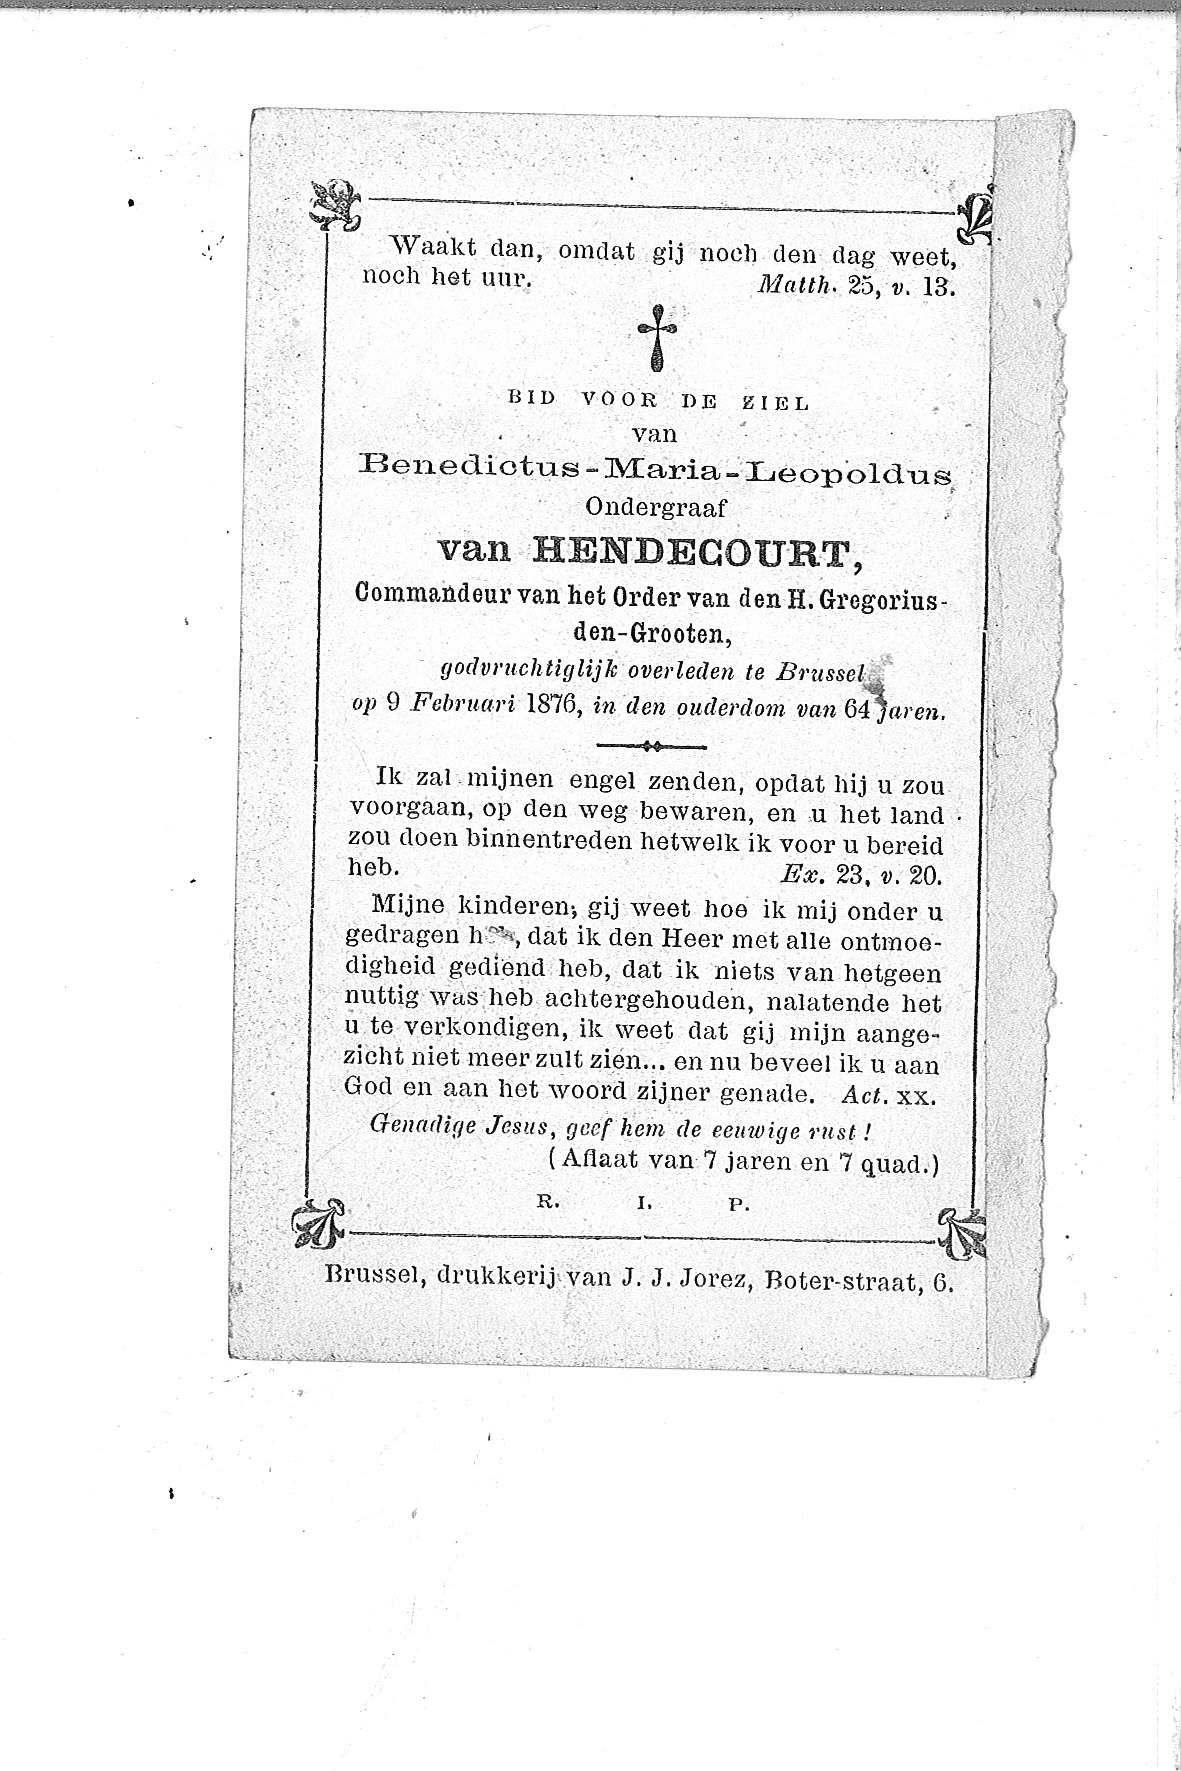 Benedictus-Maria-Leopoldus-(1876)-20120920162809_00035.jpg